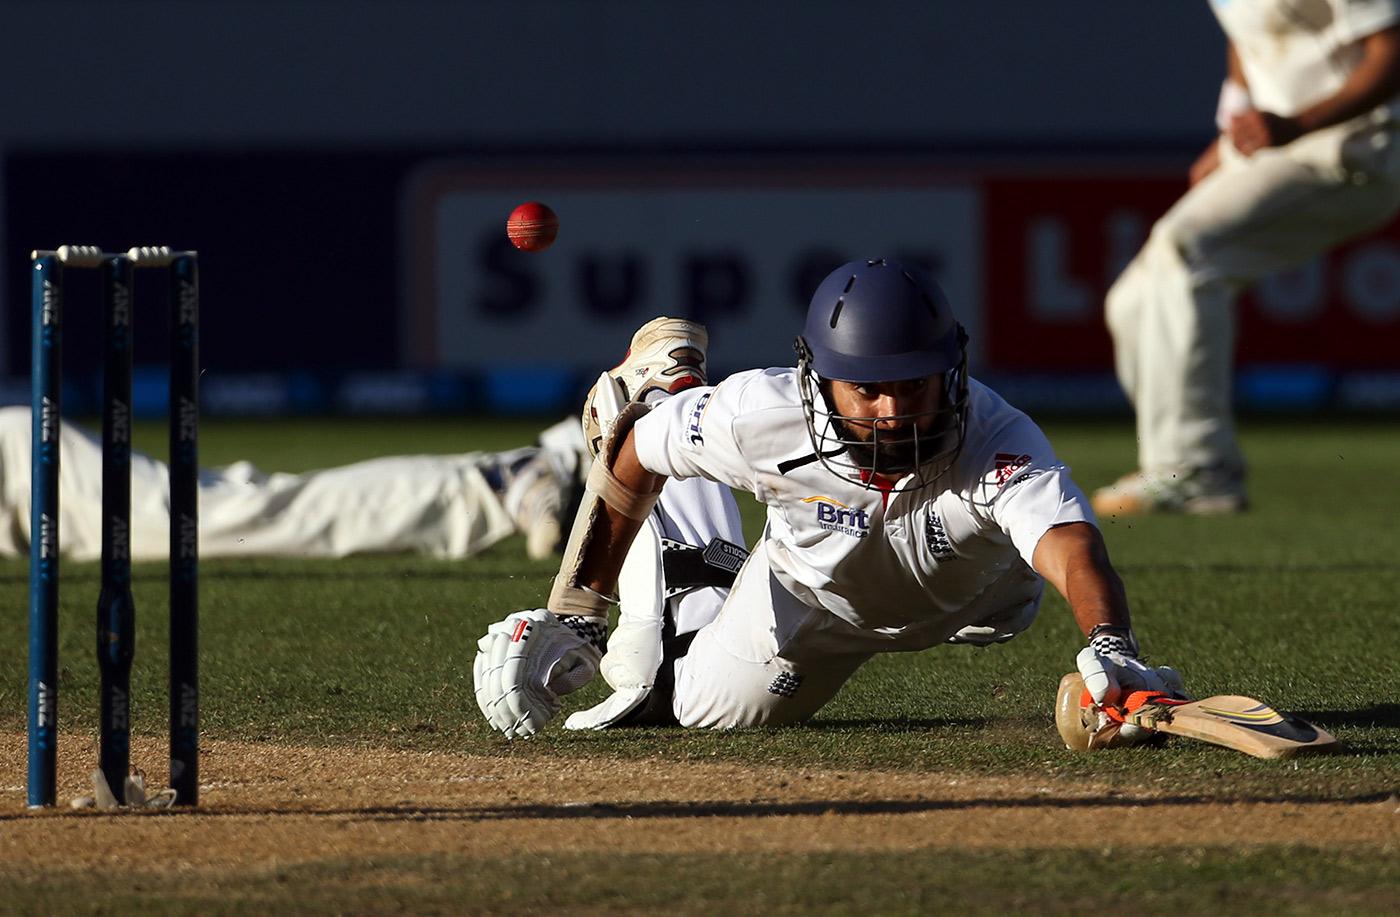 Monty Panesar dives into the crease